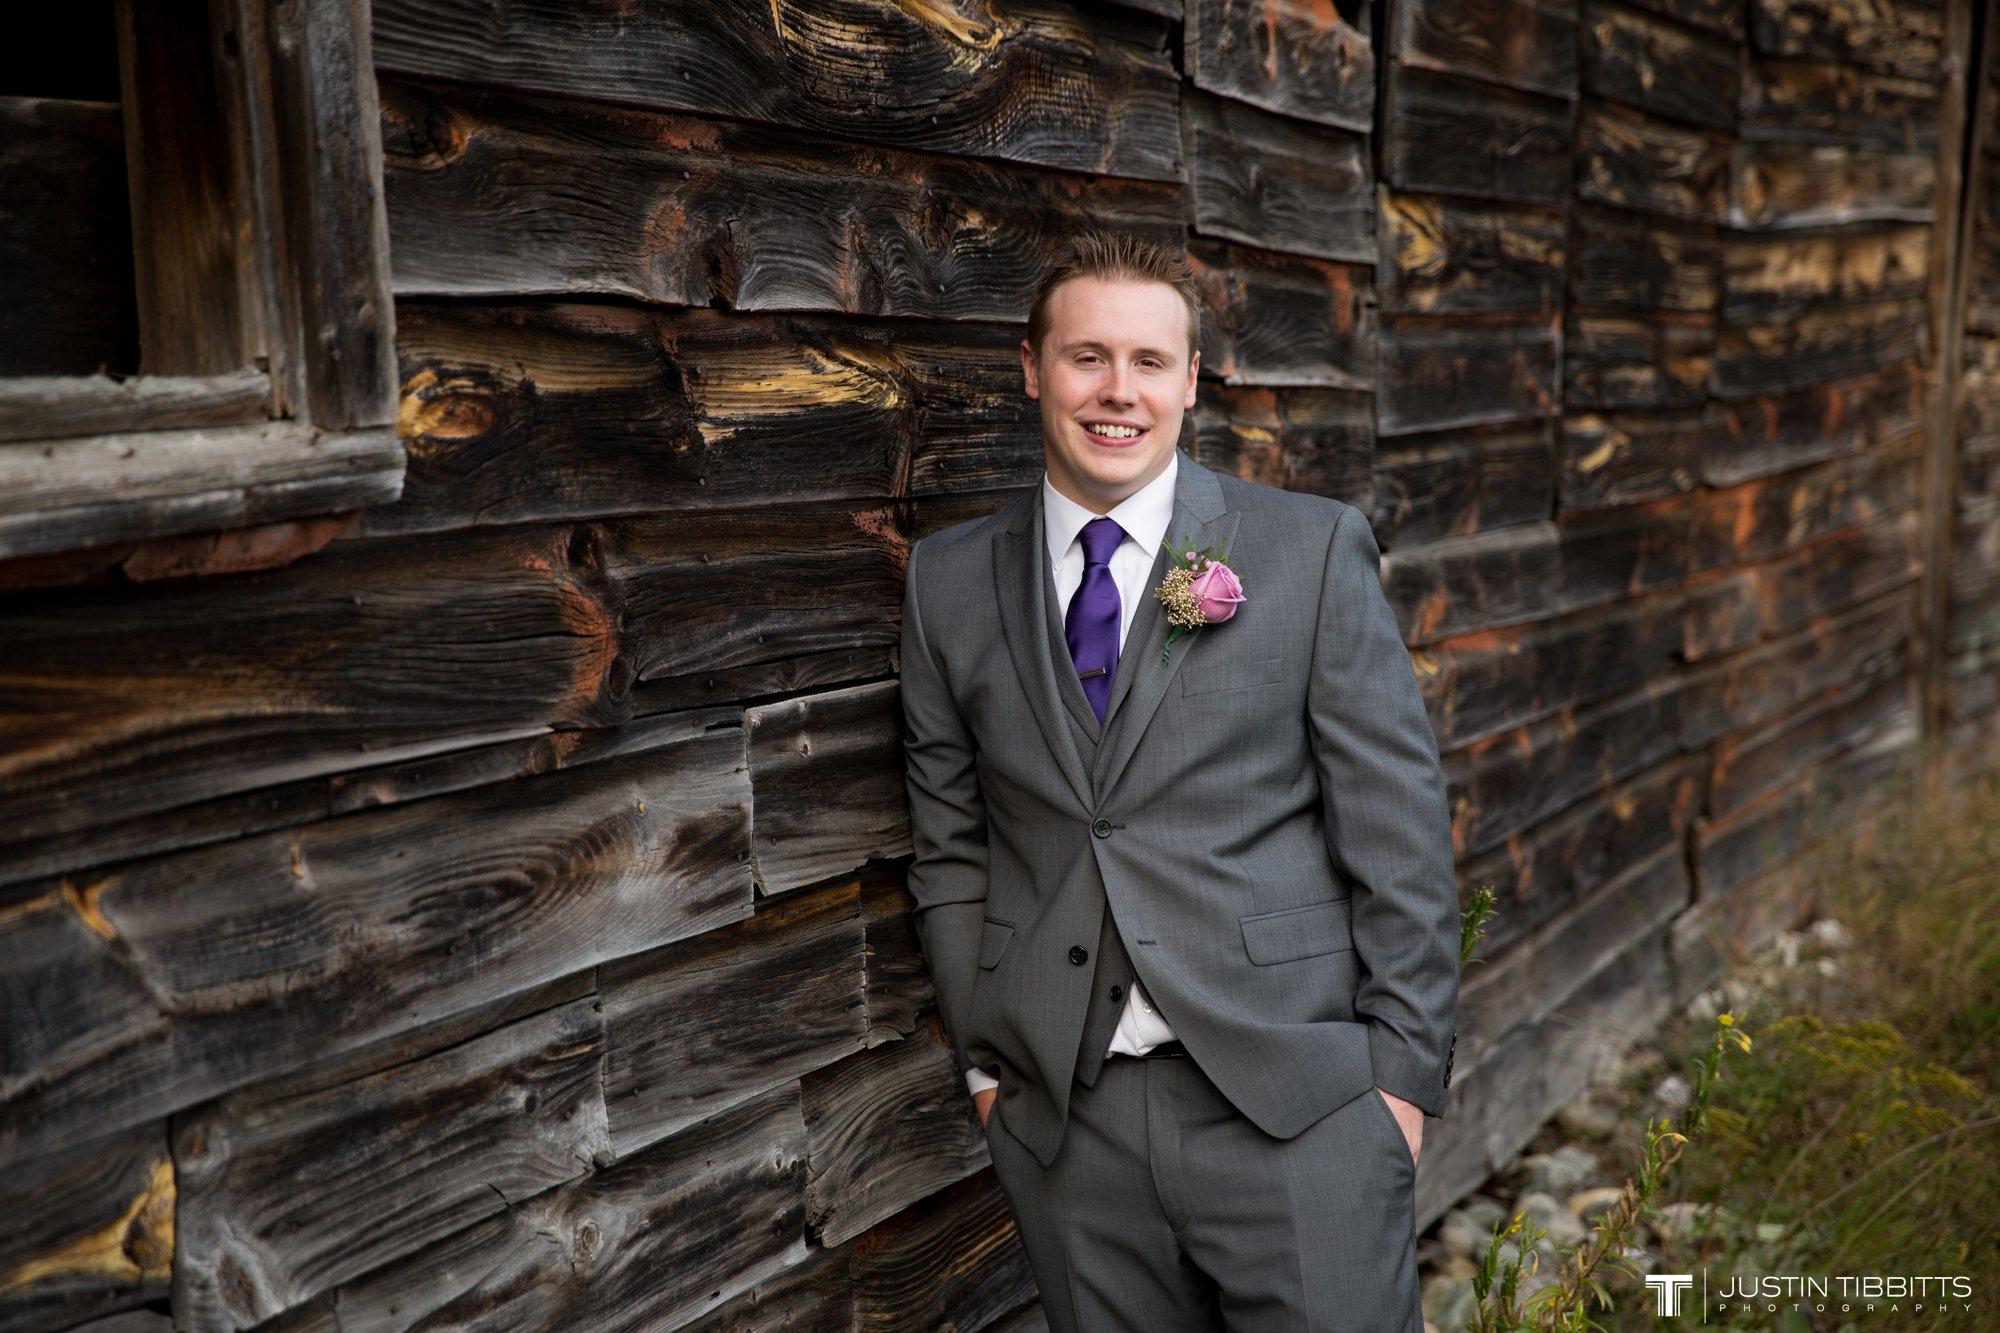 Justin Tibbitts Photography Rob and Brittany's Averill Park, NY Wedding_0396